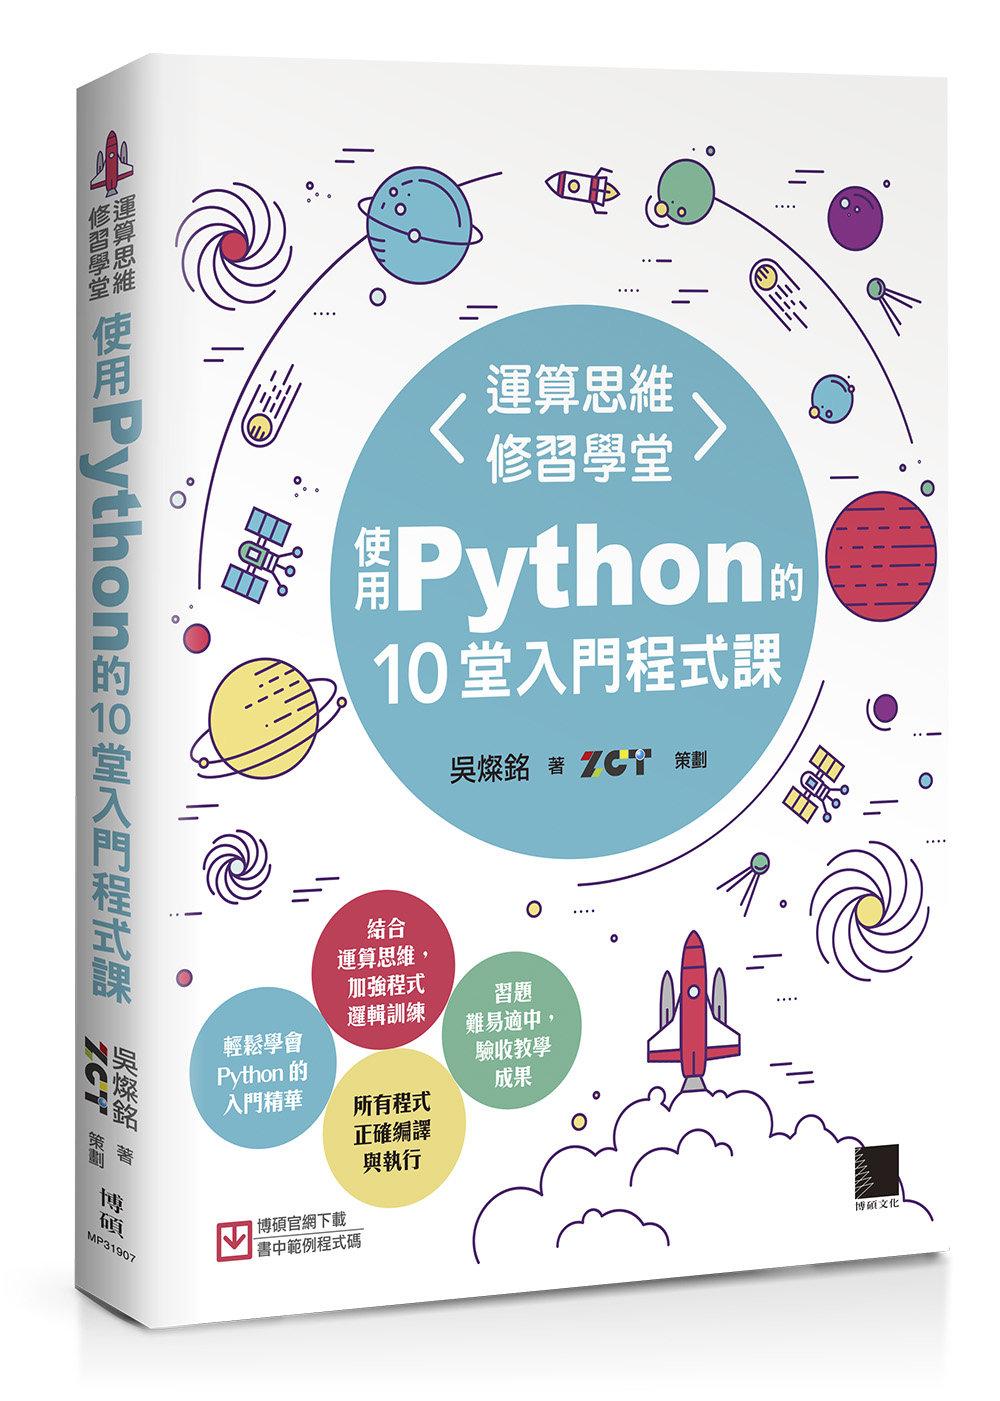 運算思維修習學堂:使用 Python 的 10堂入門程式課-preview-16